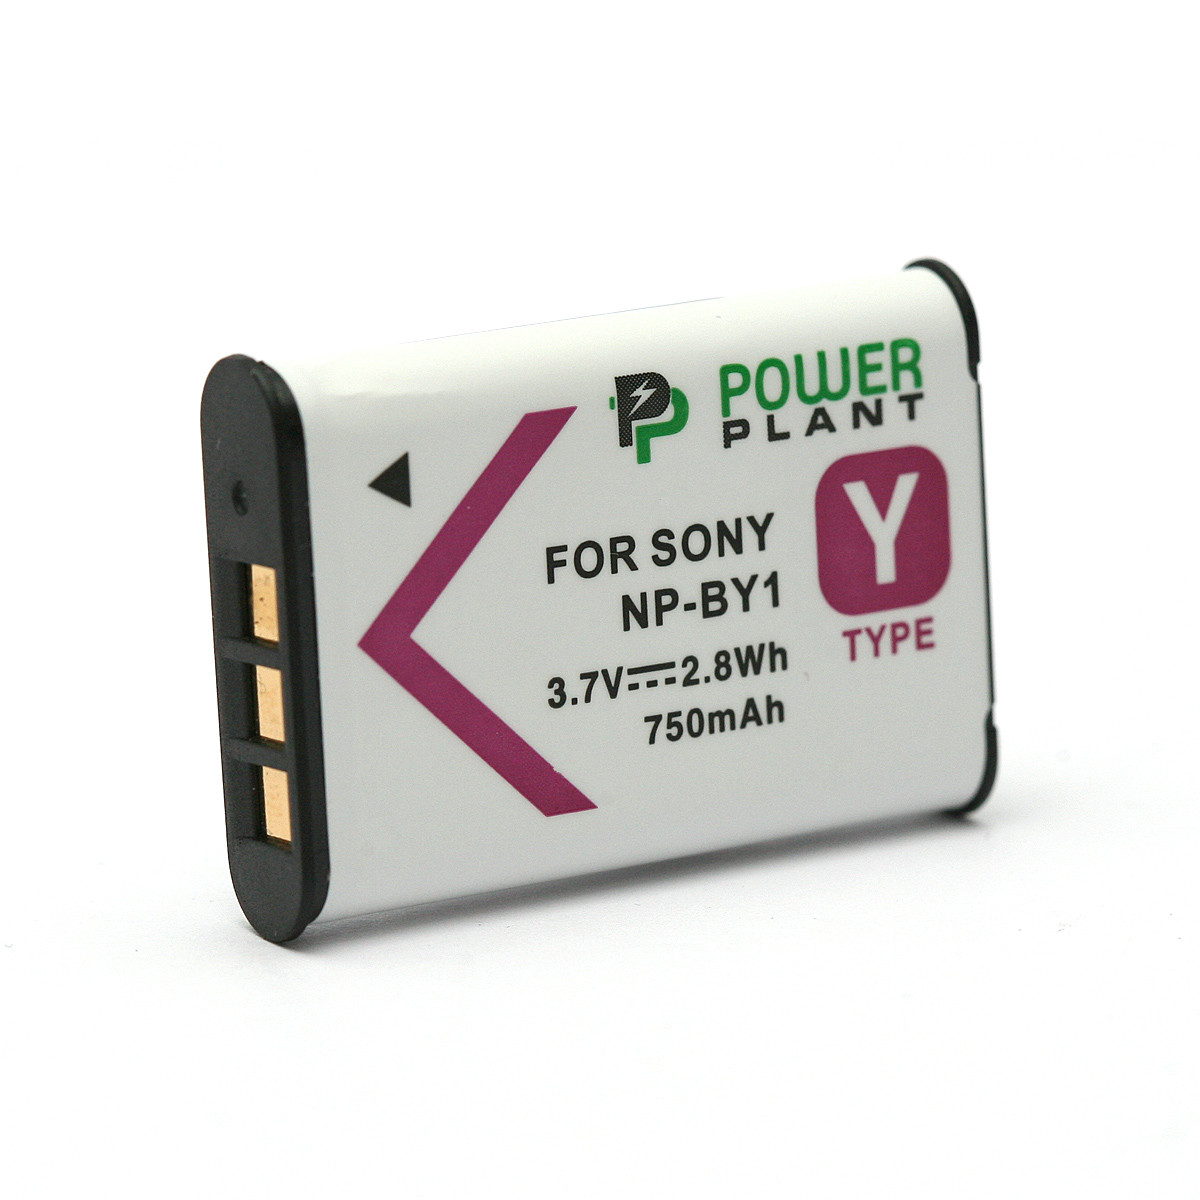 Aккумулятор PowerPlant Sony NP-BY1 750mAh